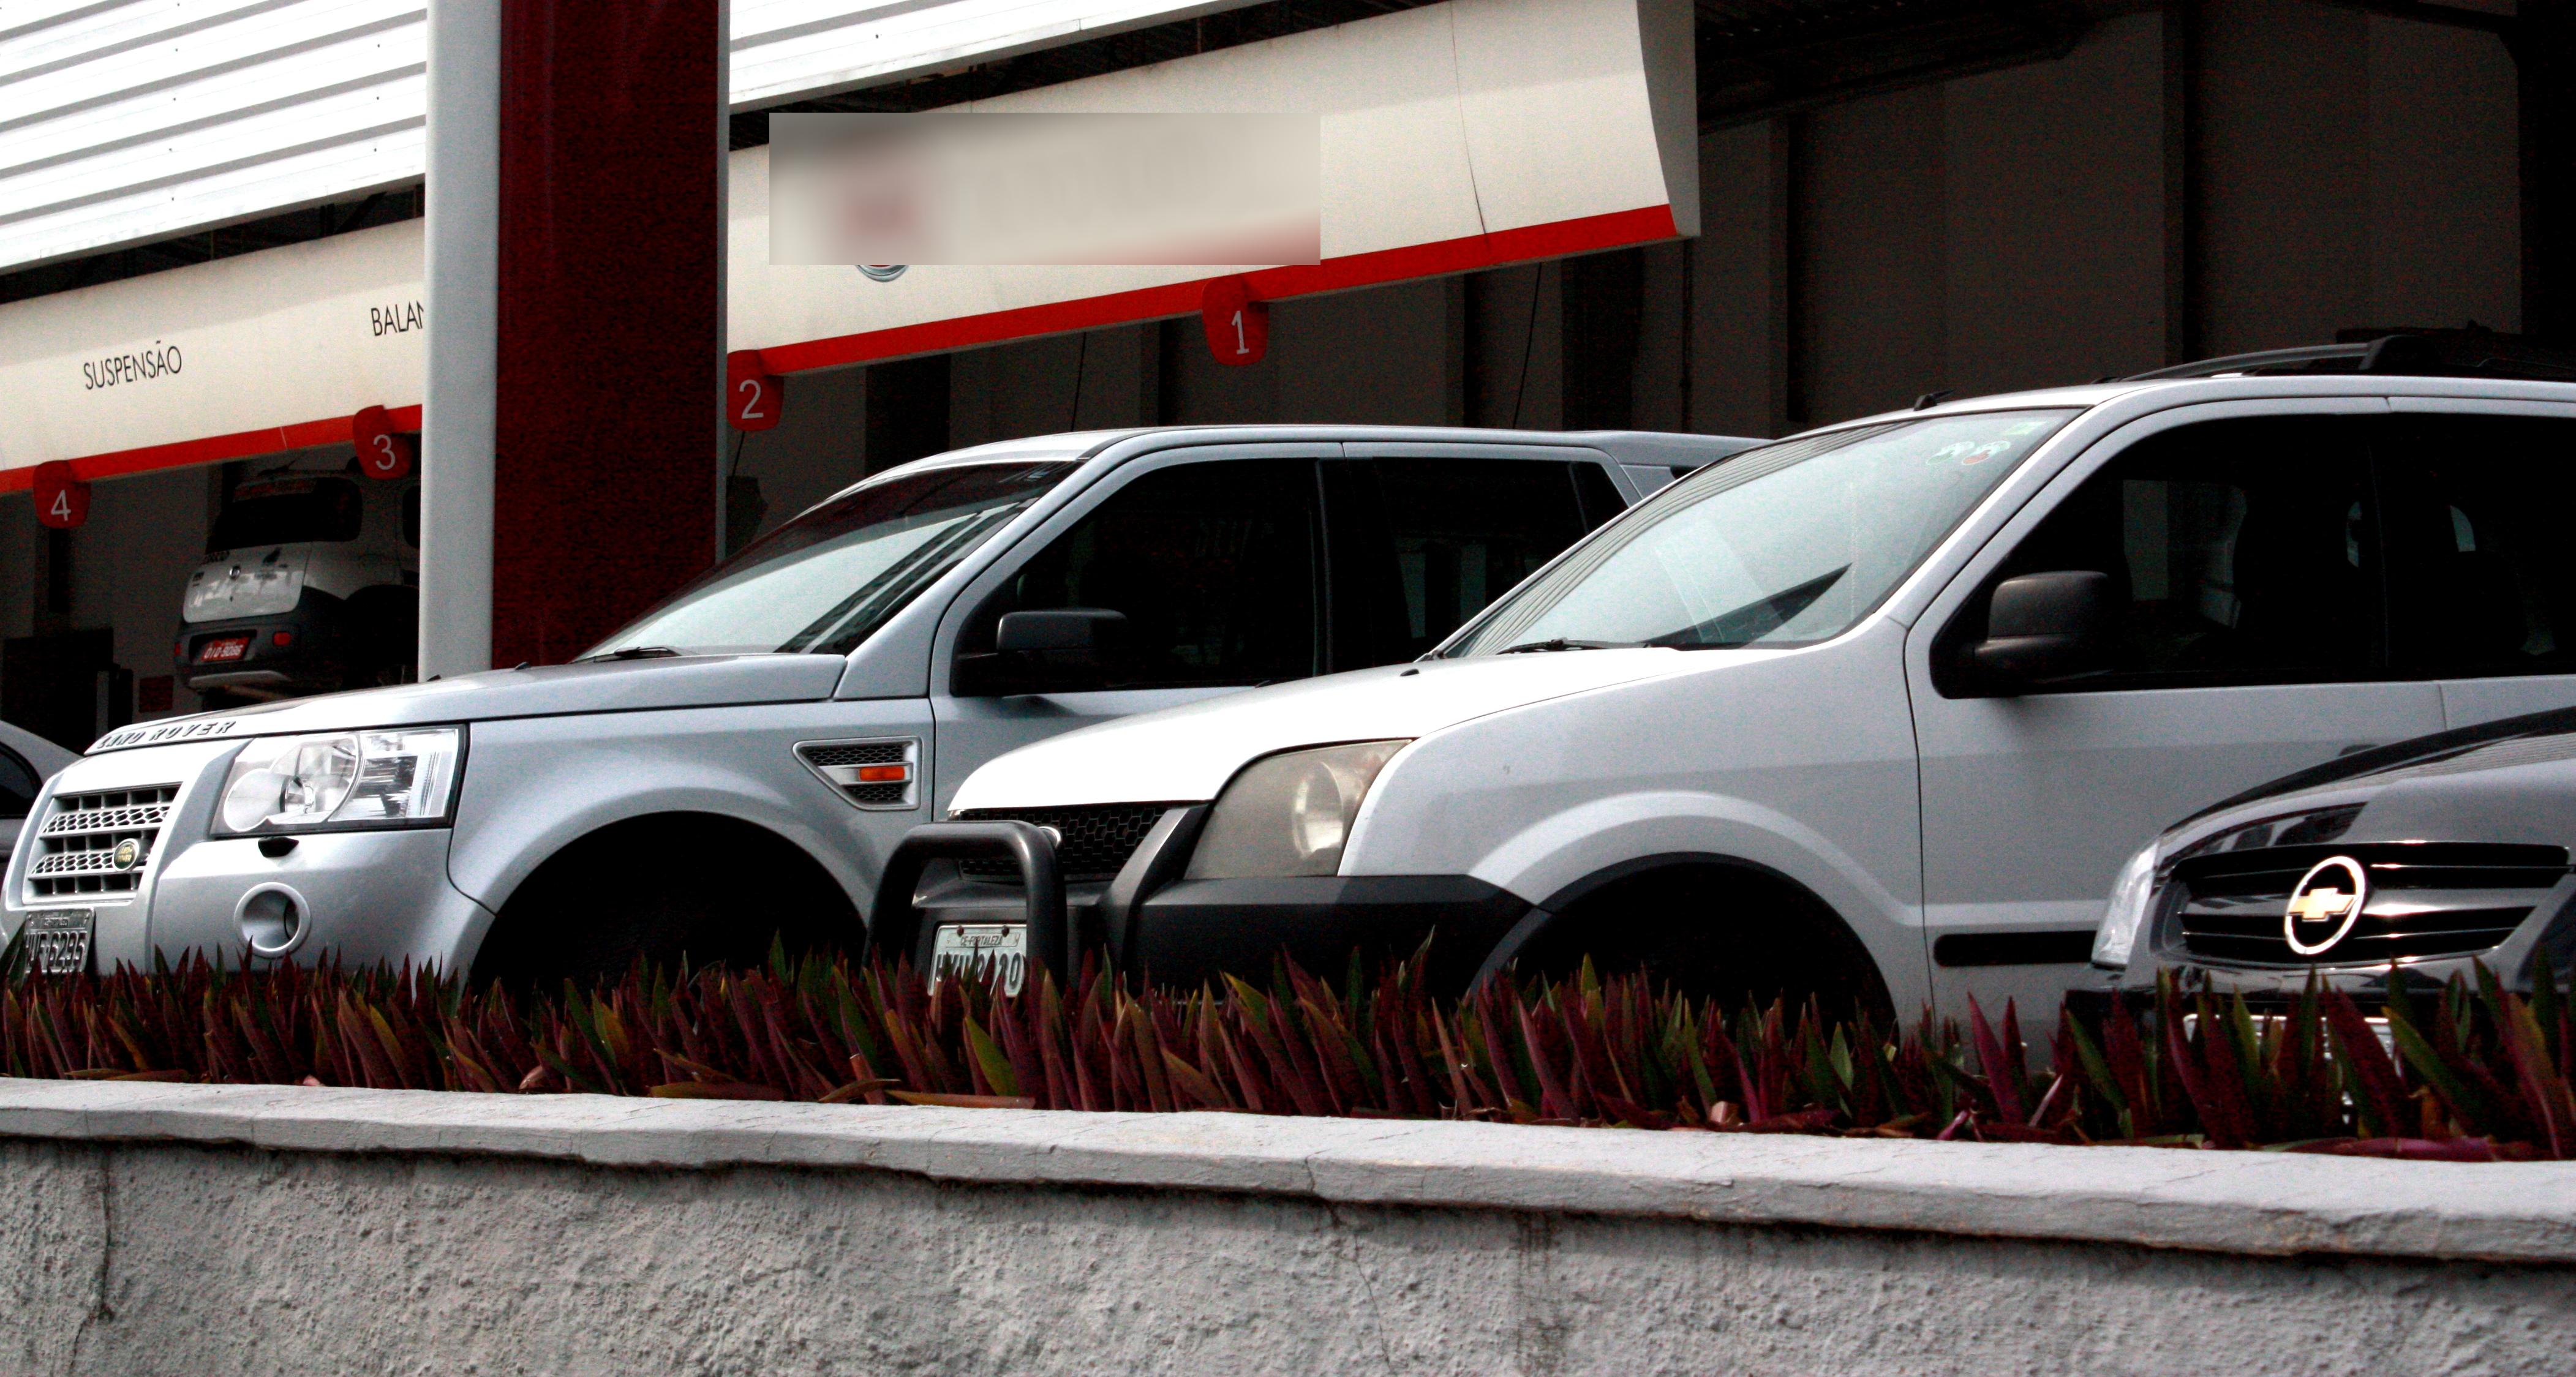 Proprietários de veículos podem conferir valores de IPVA após reajuste (FOTO: Camila Cabral)